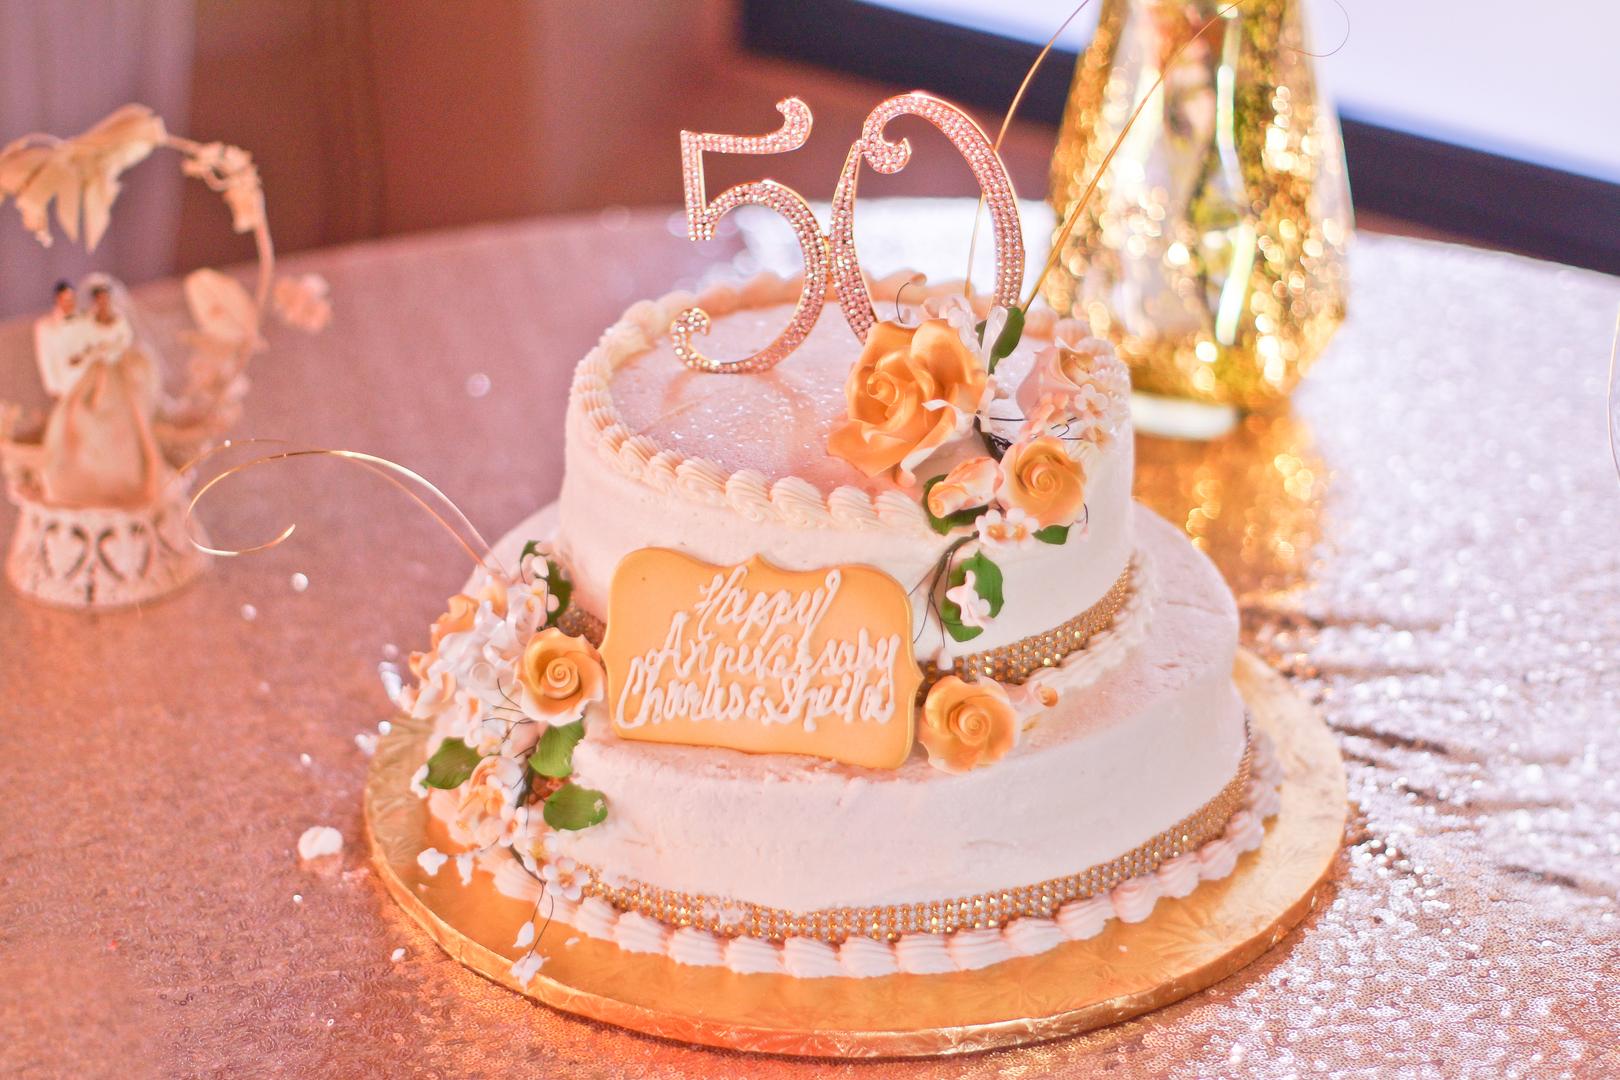 50 Golden Years Wedding Anniversary (California) - Black Nuptials